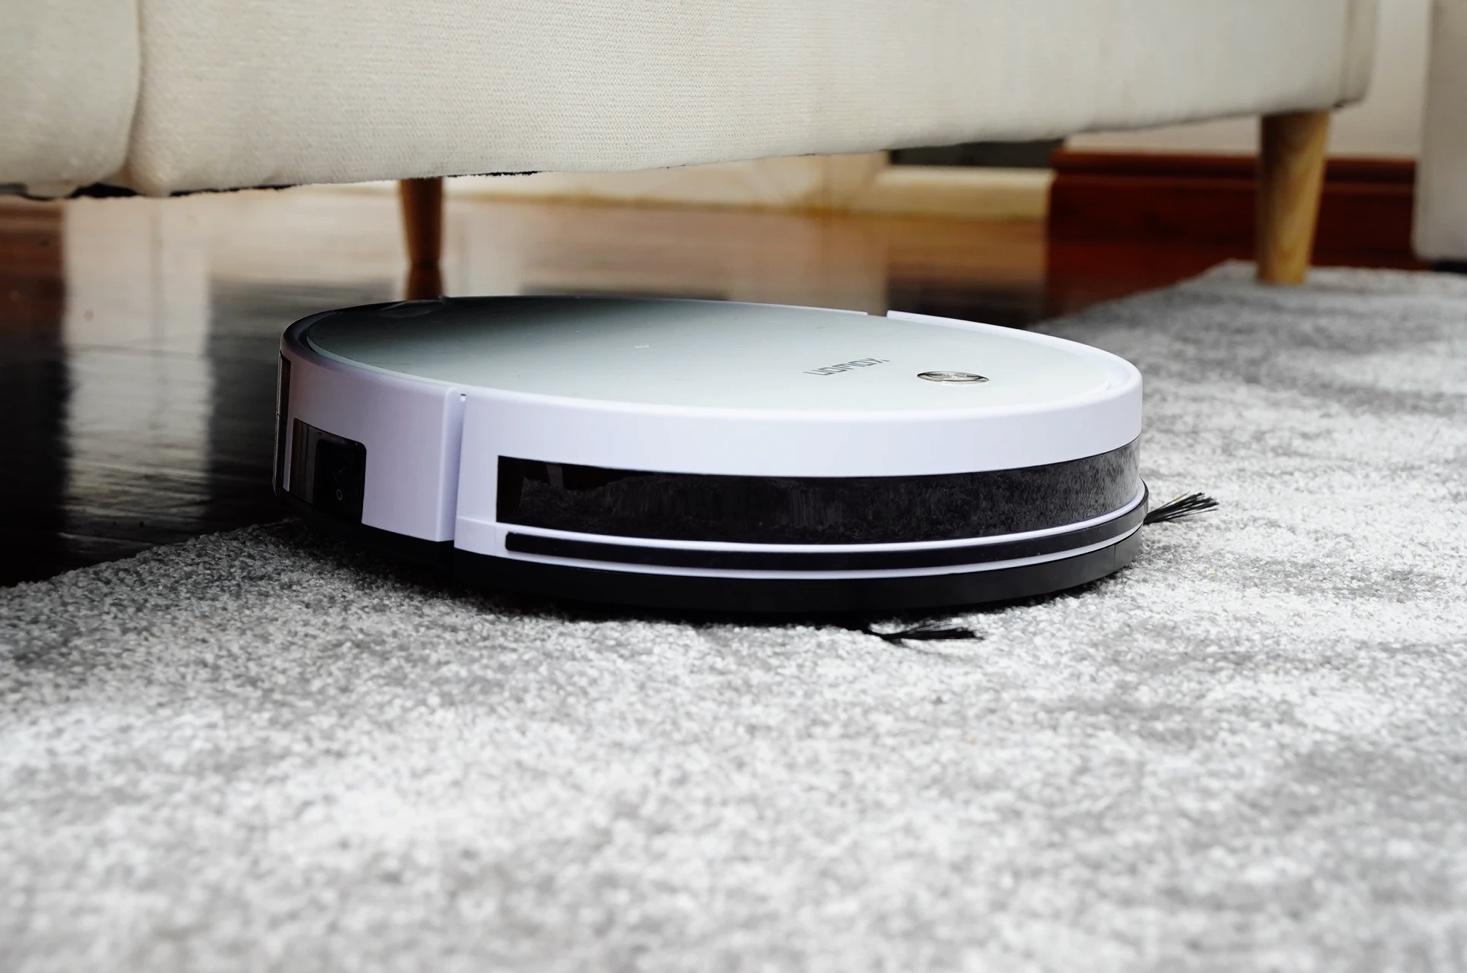 Les aspirateurs robots à navigation LIDAR peuvent devenir de parfaits espions